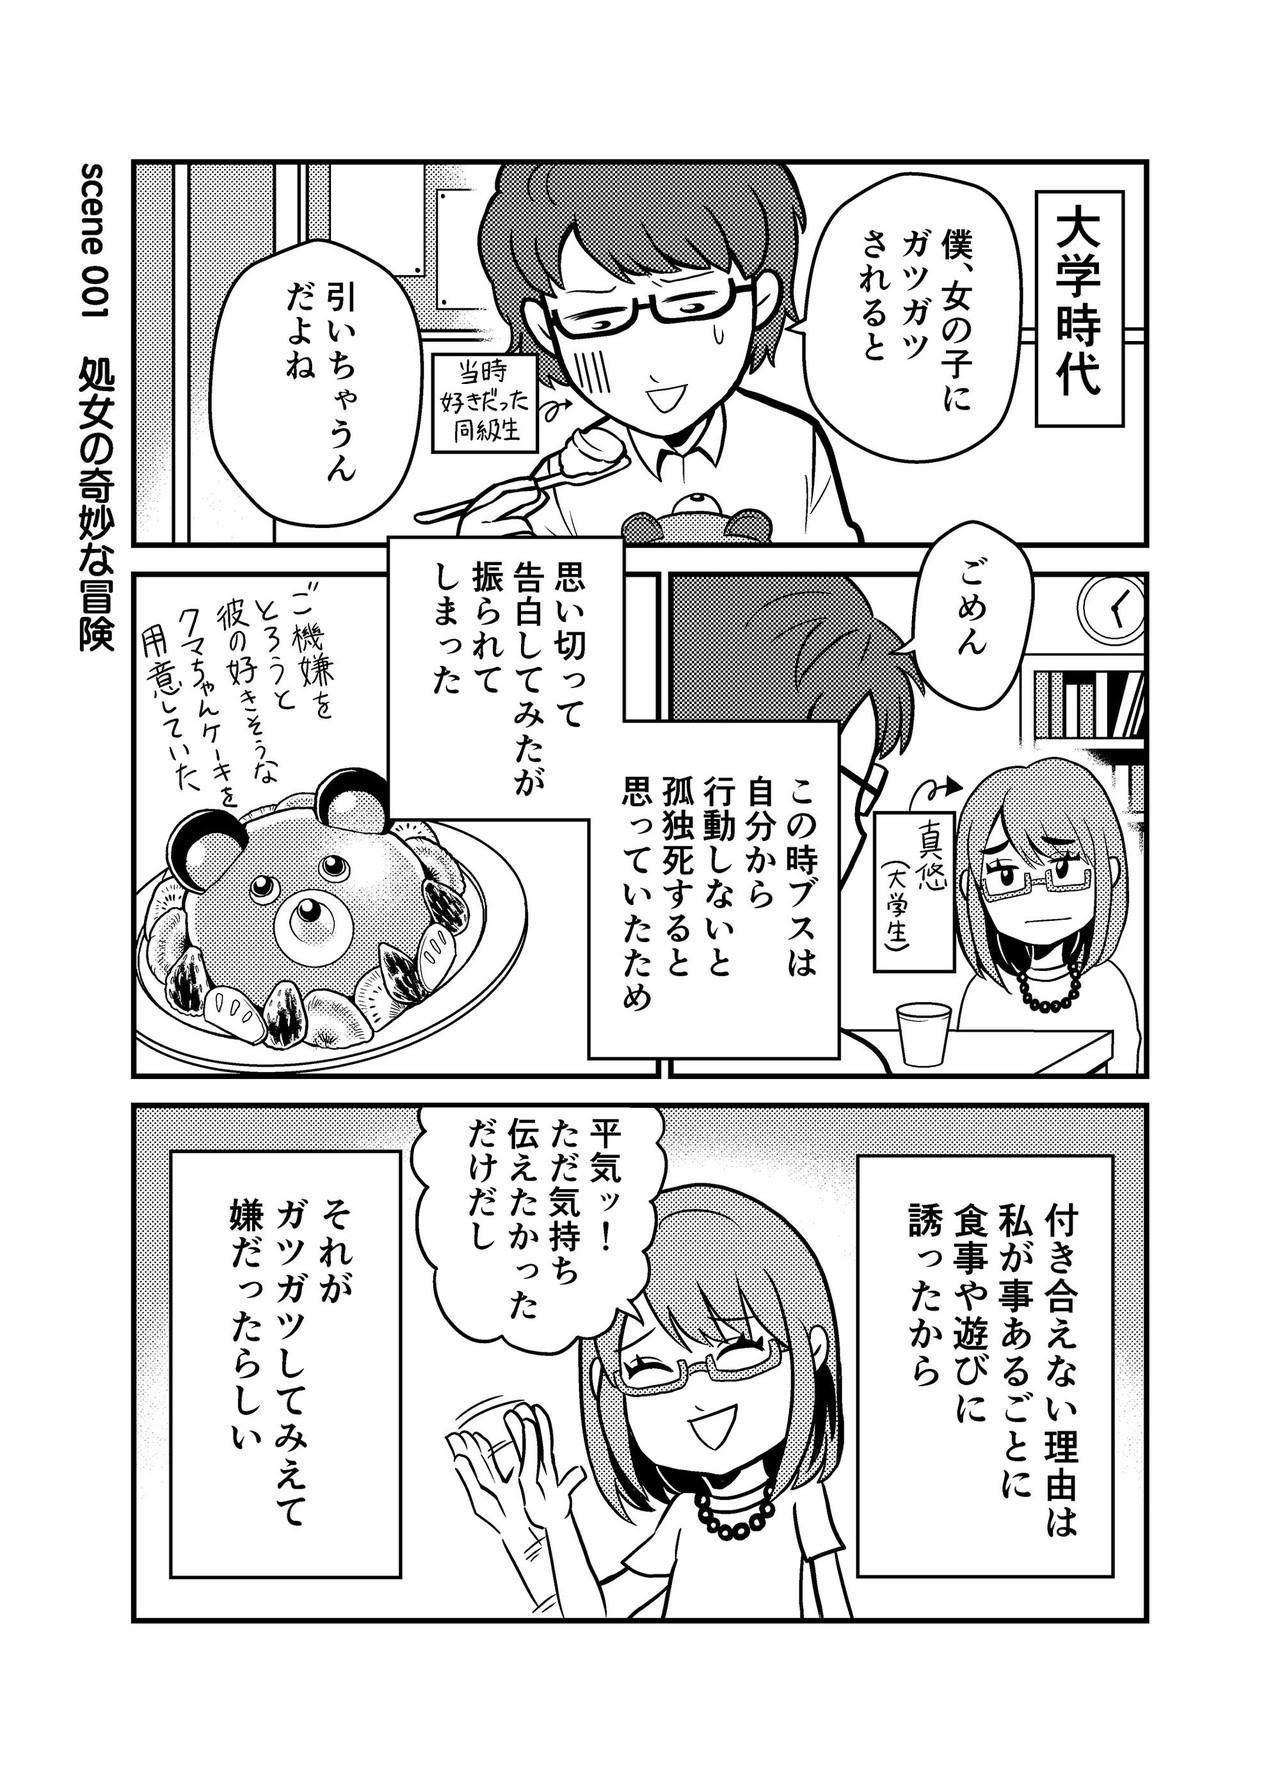 【本編】ワカカワ1話「処女の奇妙な冒険」